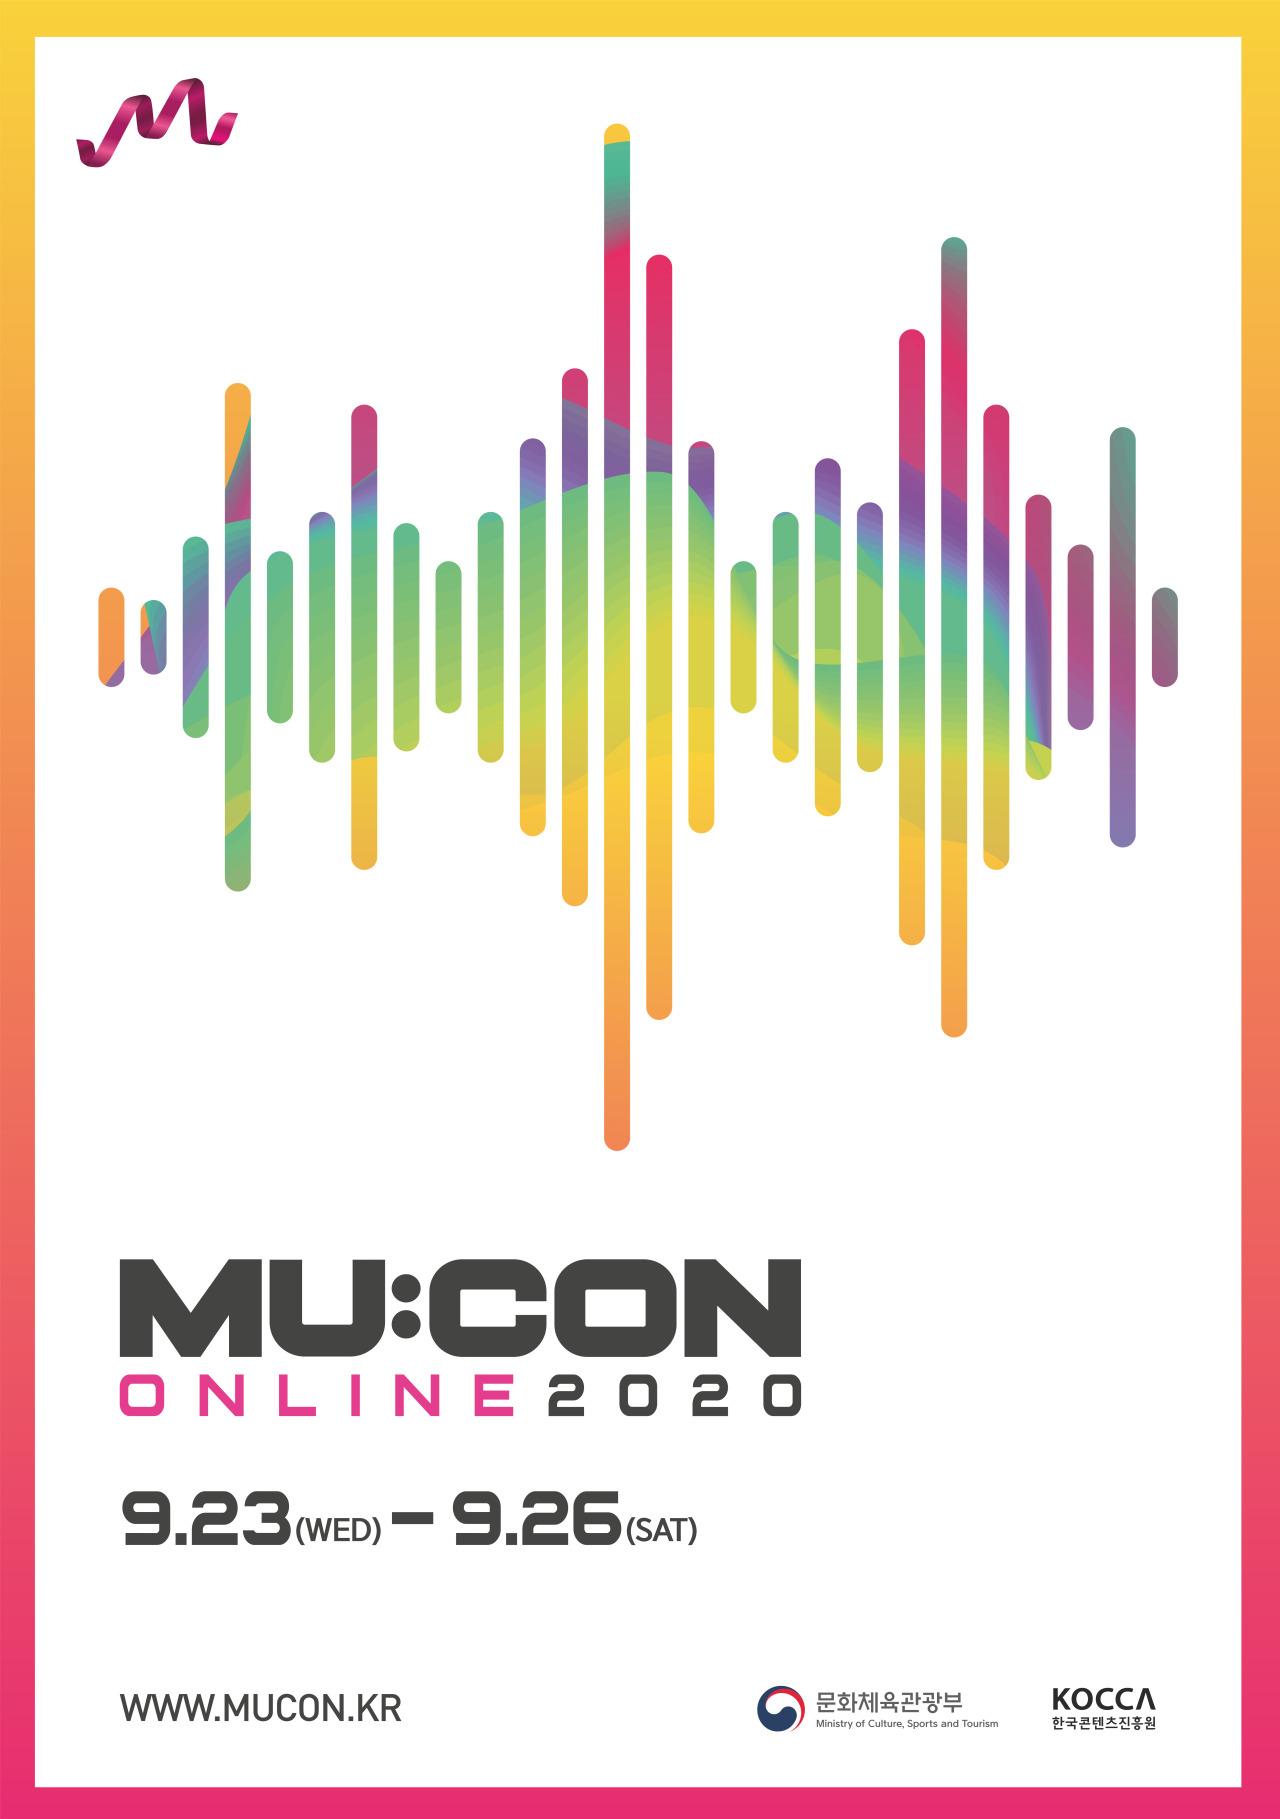 Poster for 2020 MU:CON (Korea Creative Content Agency)